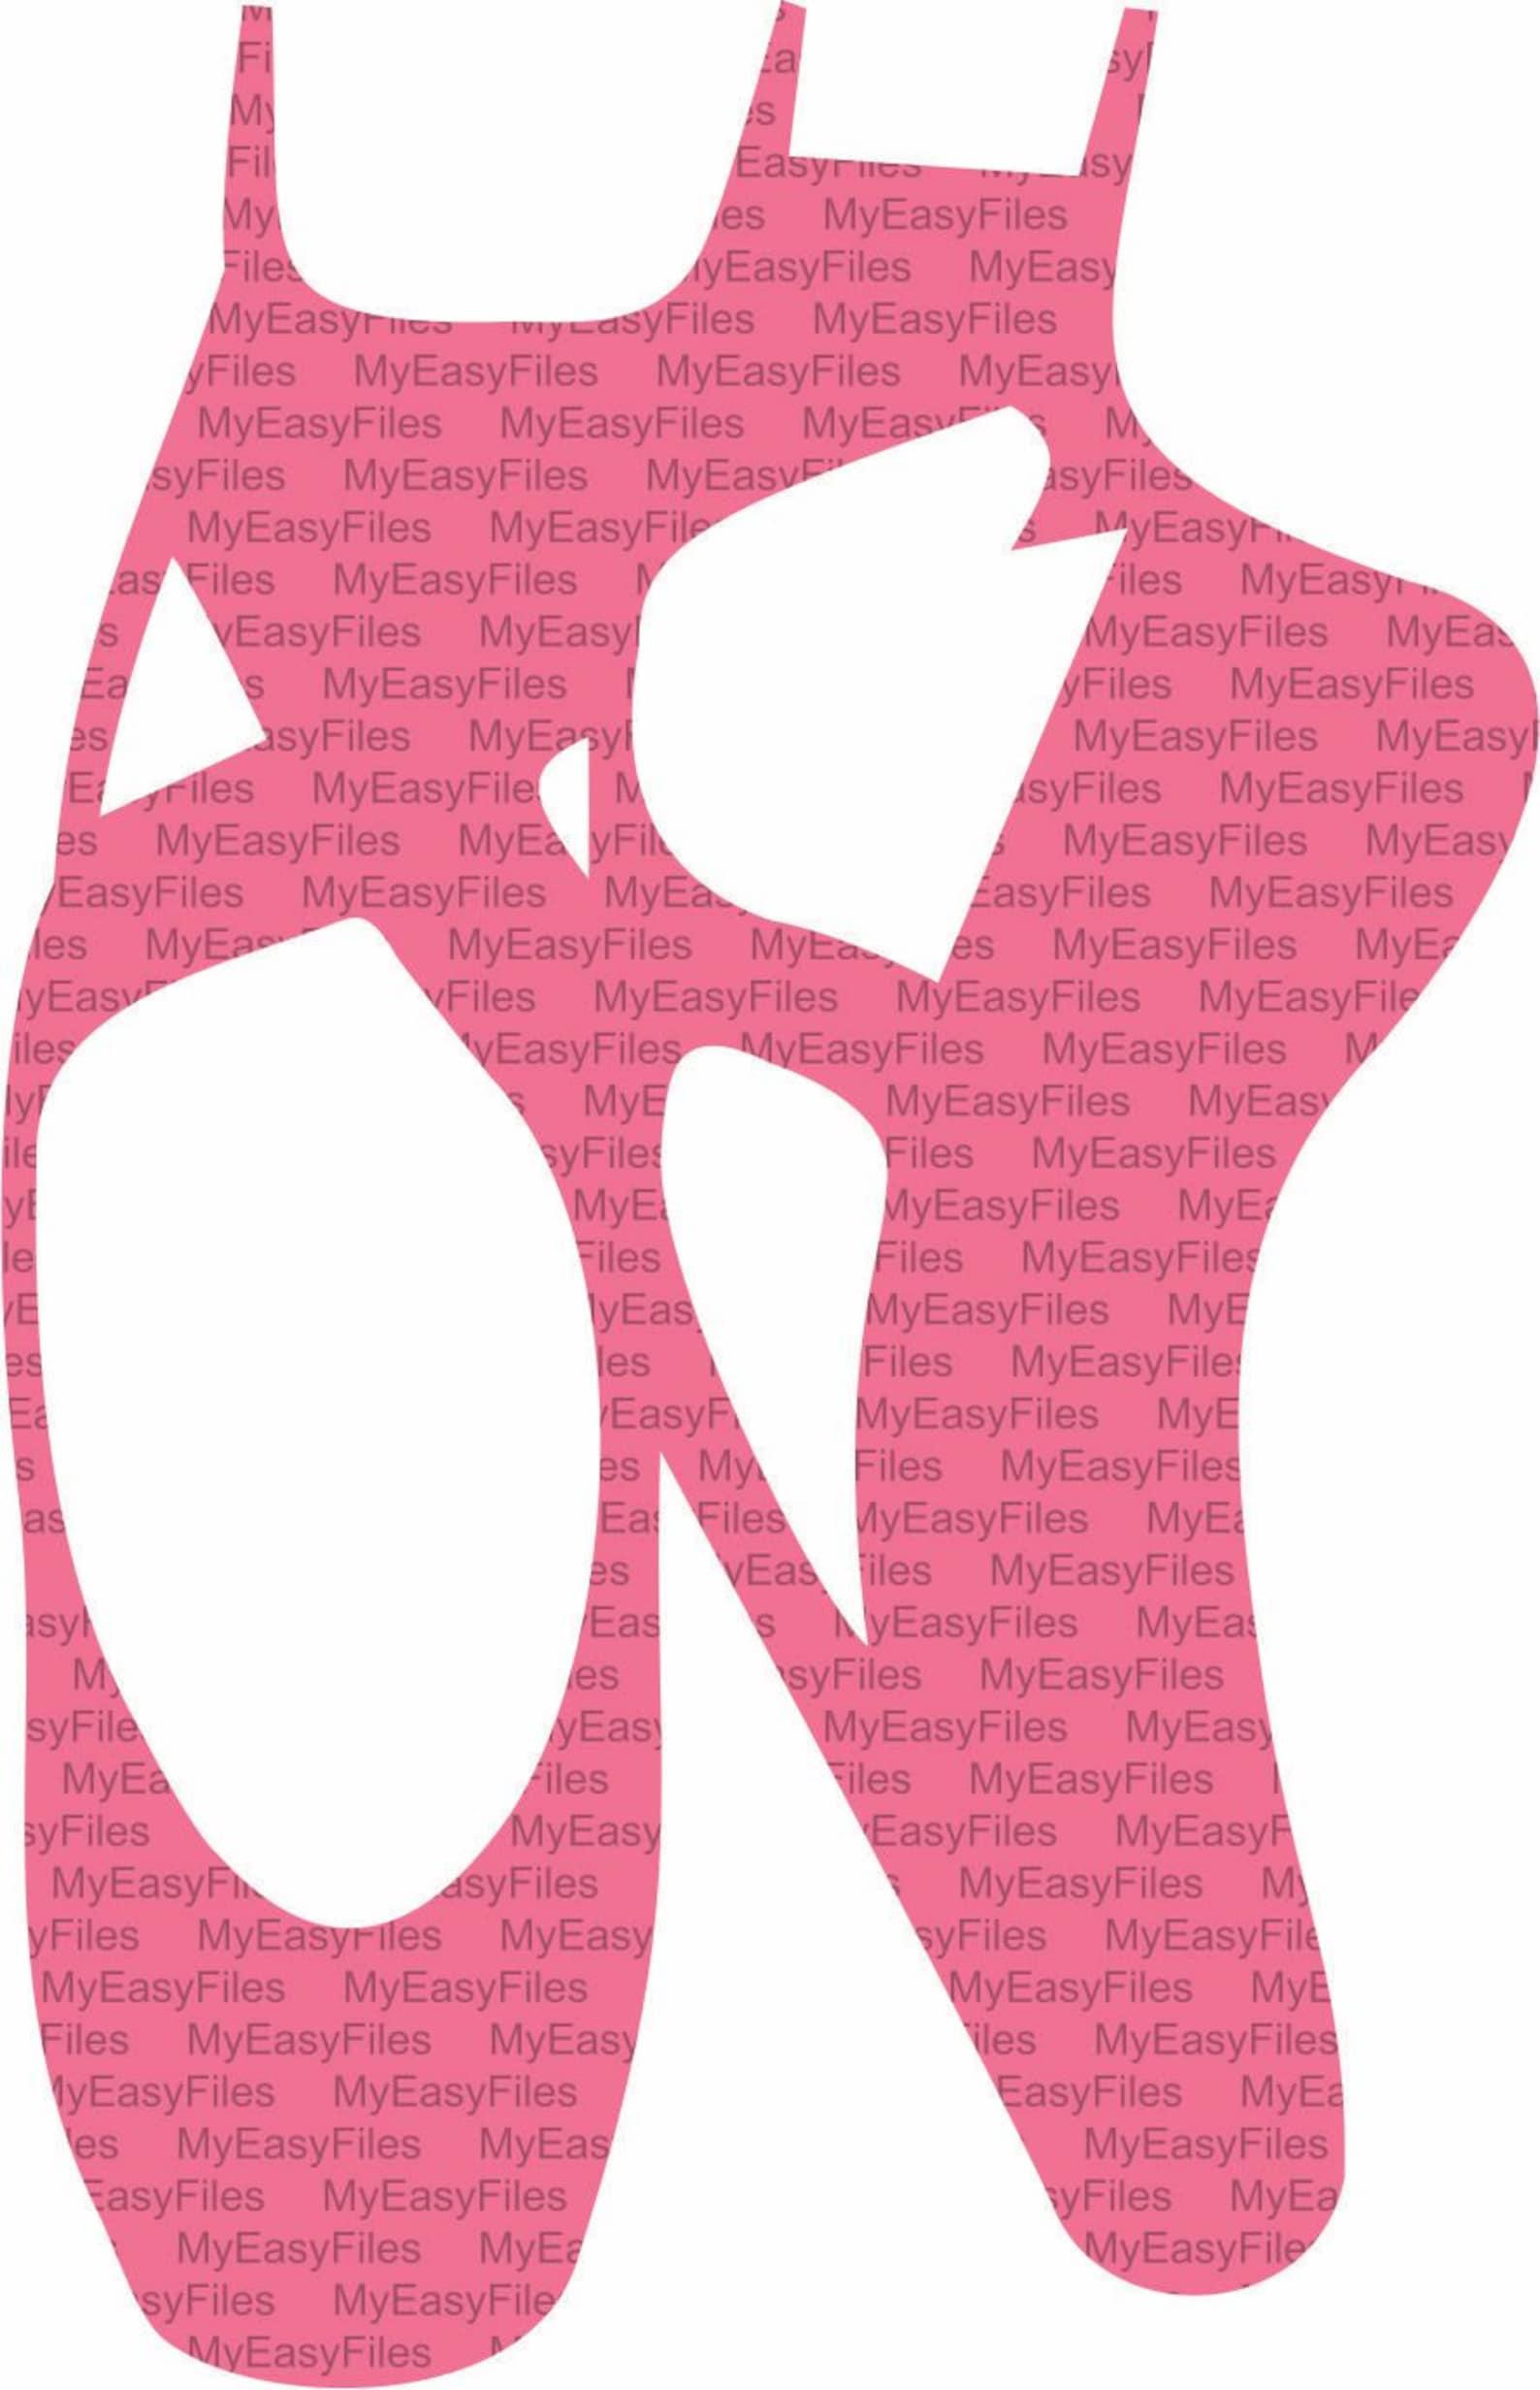 ballet shoes svg, instant download, design for cricut, design to silhouette, ballet svg, shoes svg, ballet dancer svg, dancer sv